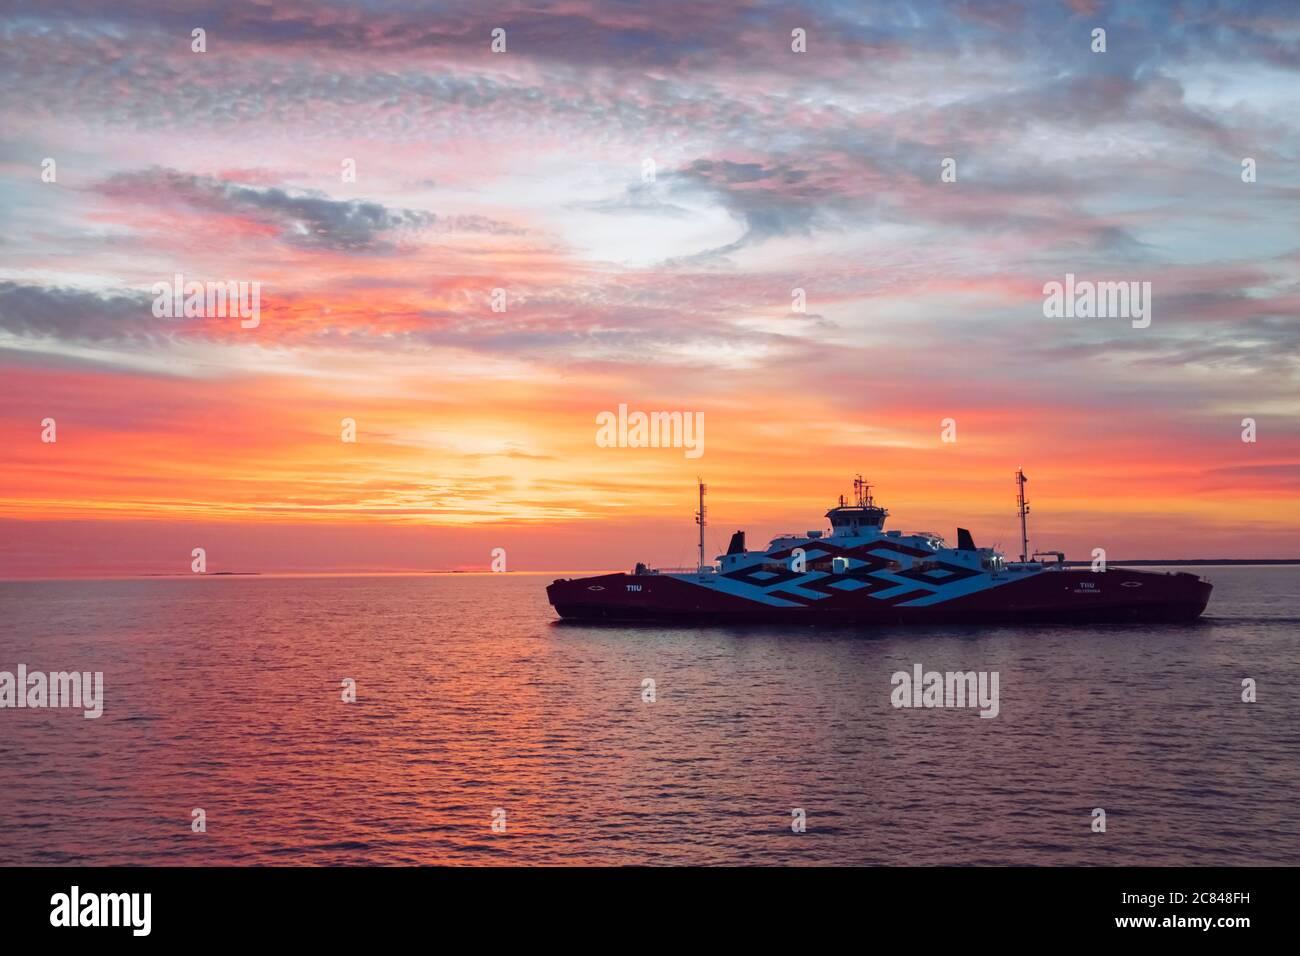 Mar Báltico, Hiiumaa/ Estonia-19JUL2020: Ferry llamado Tiiu entre Hiiumaa (puerto Heltermaa) y Estonia continental (Rohuküla, Rohukula) en el mar. Foto de stock